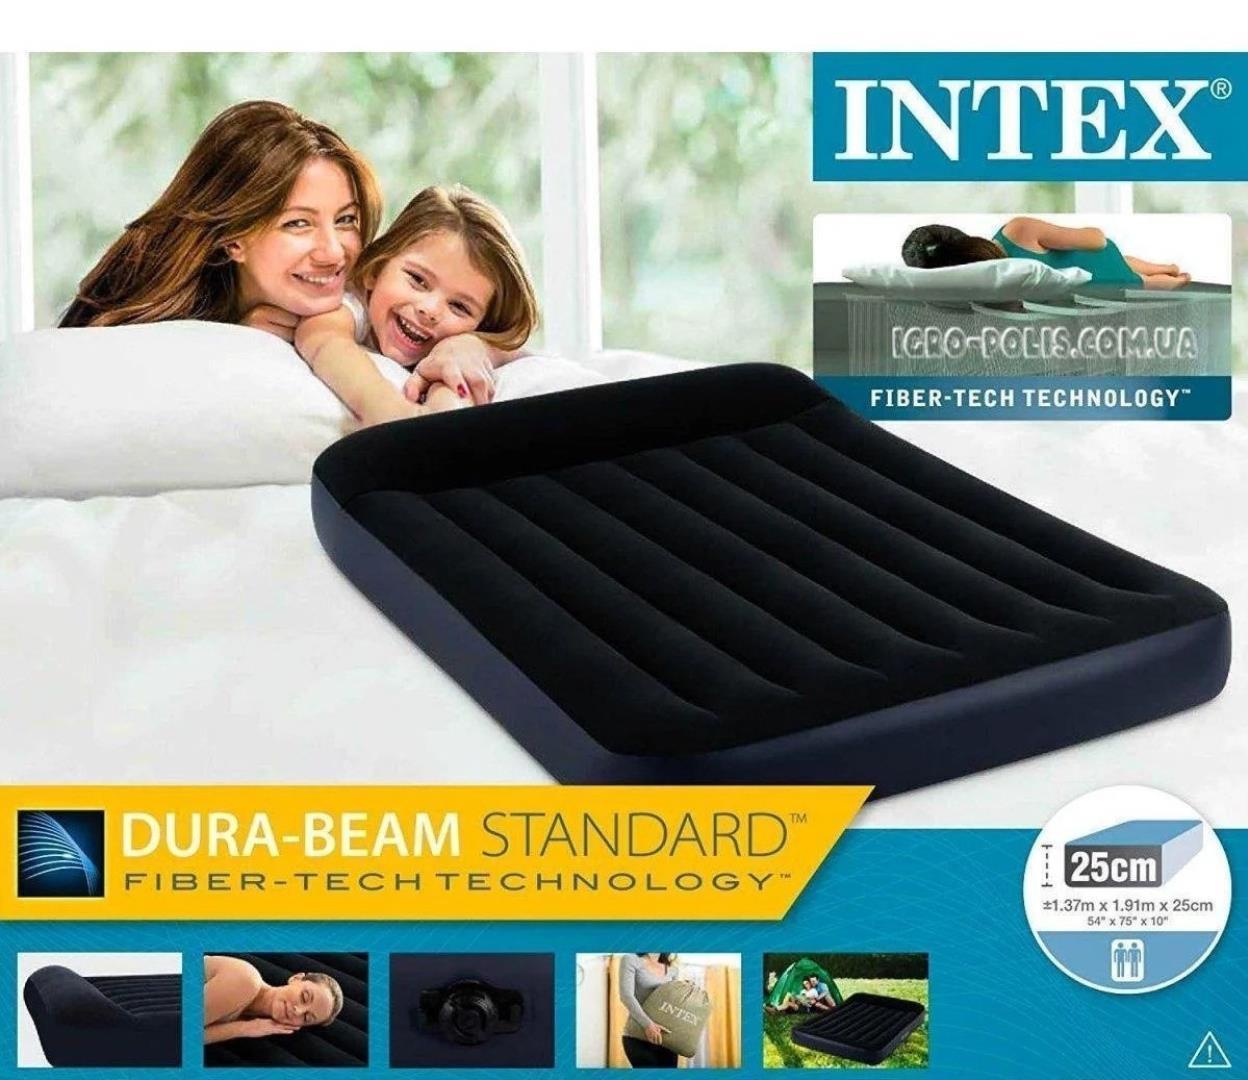 Надувной матрас Intex Dura Beam Standart 64143 с подголовником (152x203x25 см )